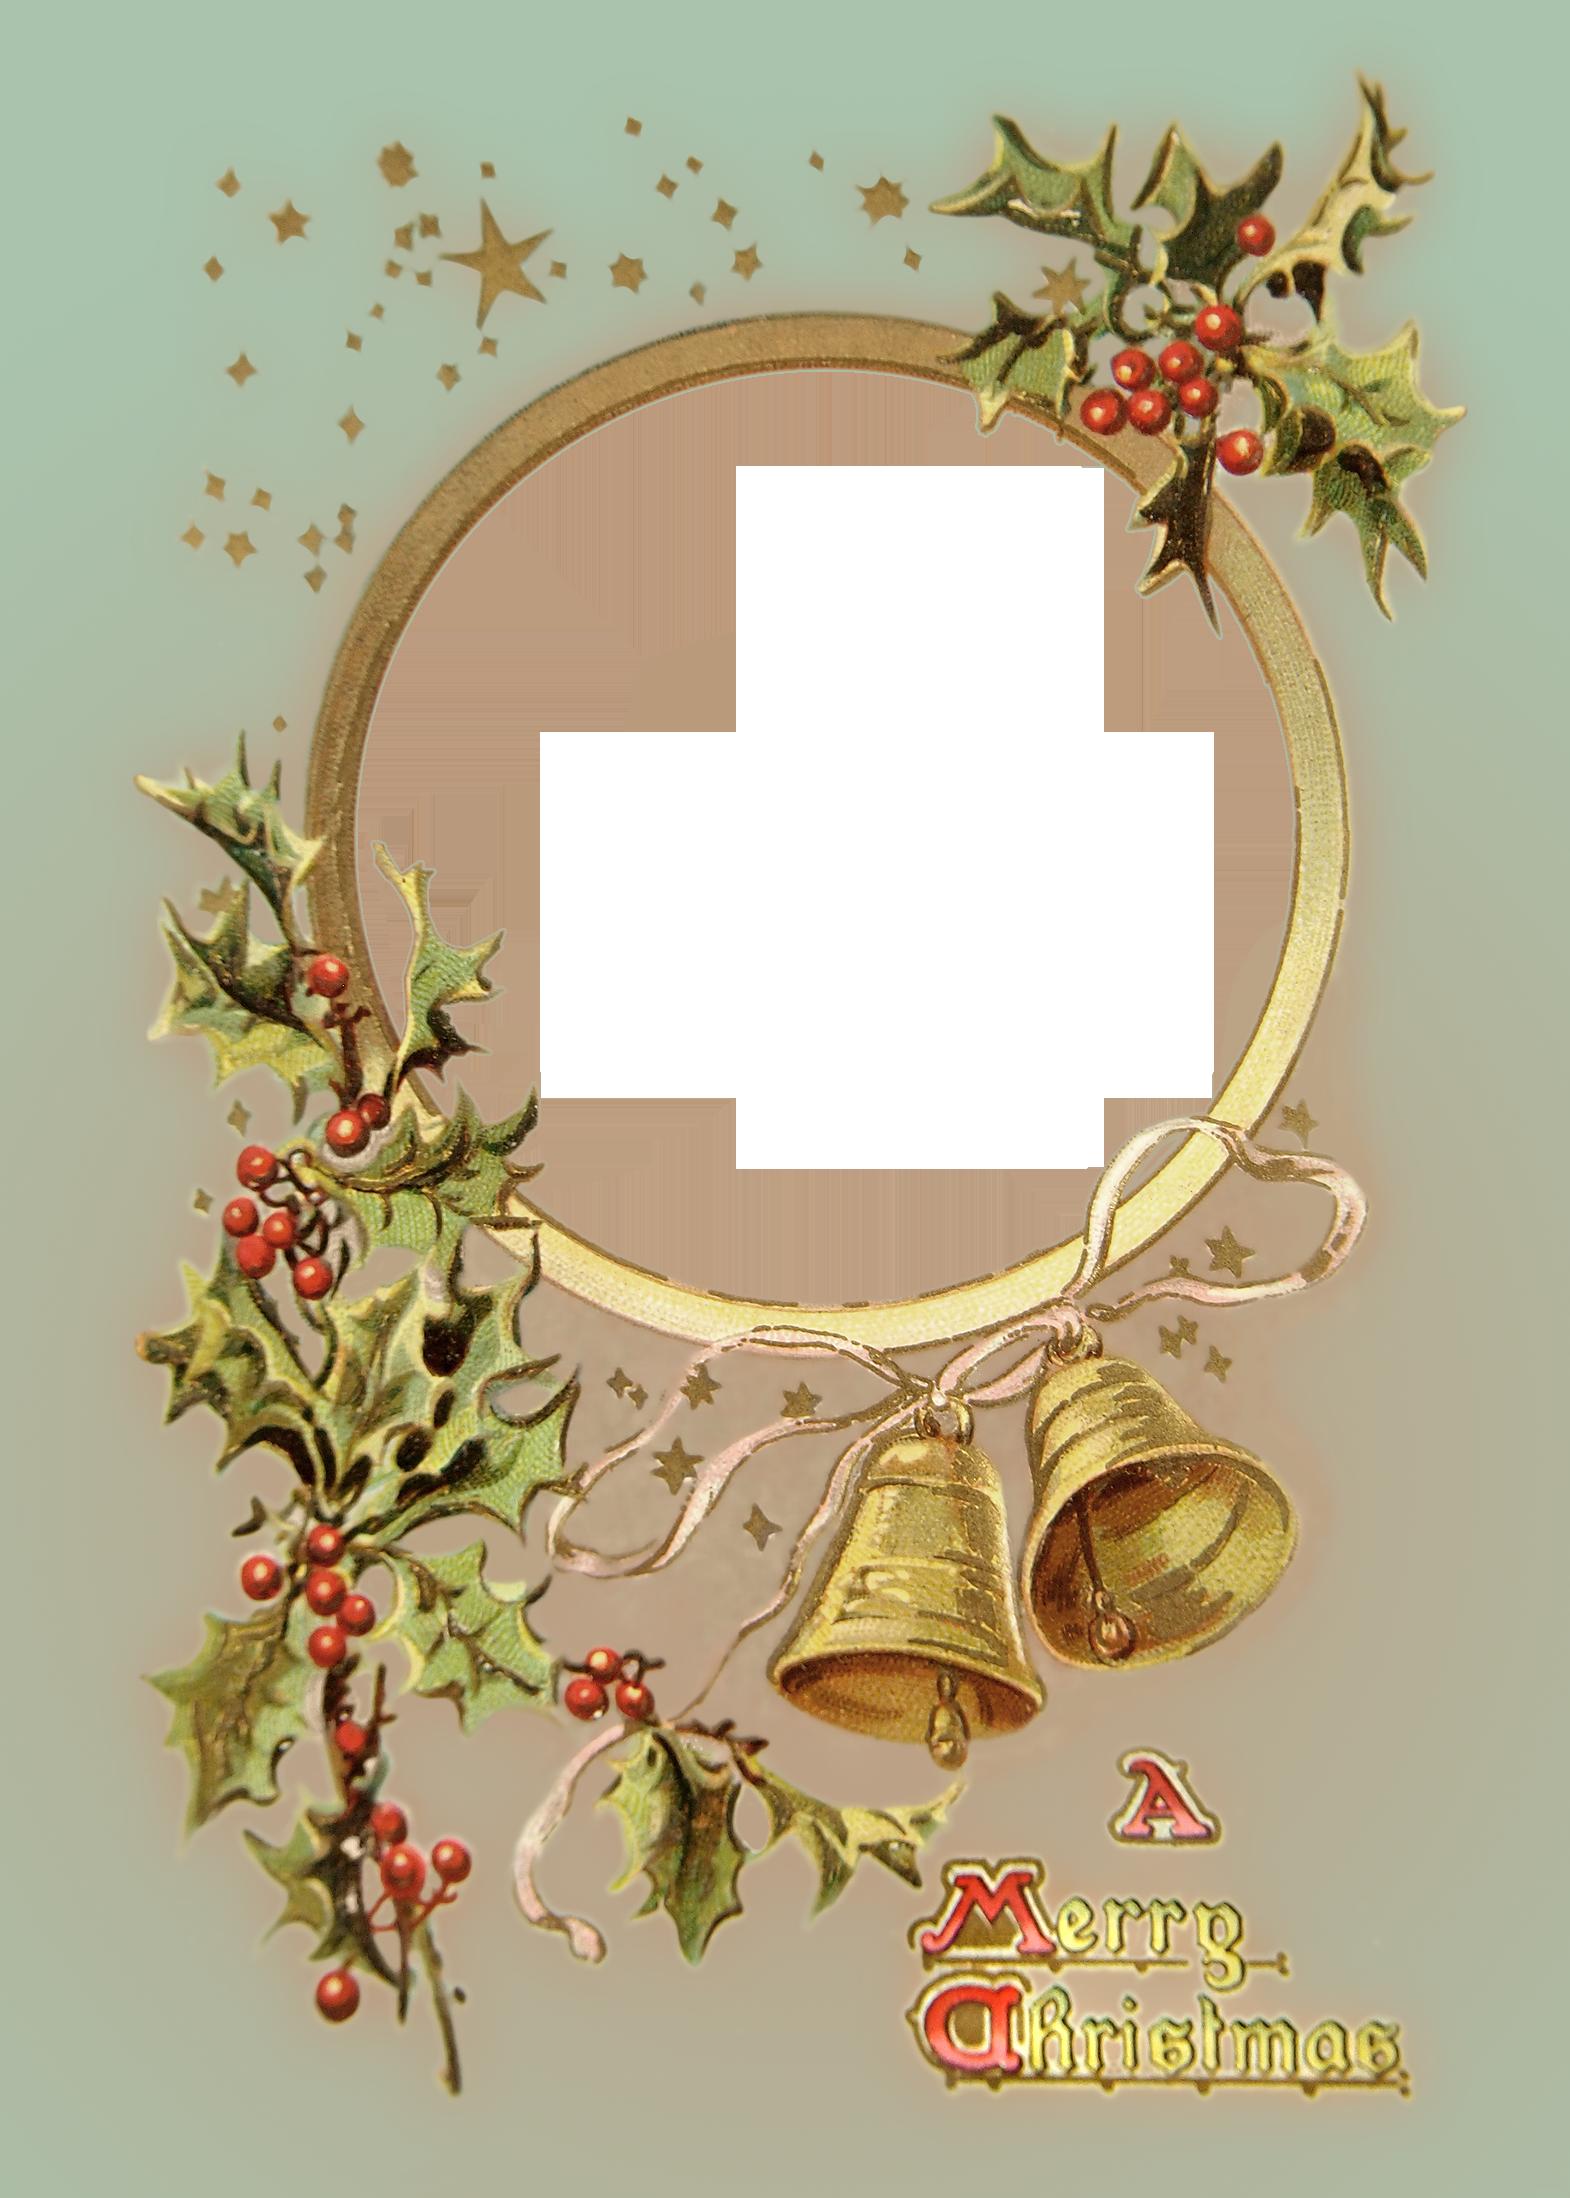 Http Www Vintagefangirl Com Wp Content Uploads 2011 12 Vintage Christmas Postcard Fra Victorian Christmas Cards Vintage Christmas Cards Christmas Photo Frame